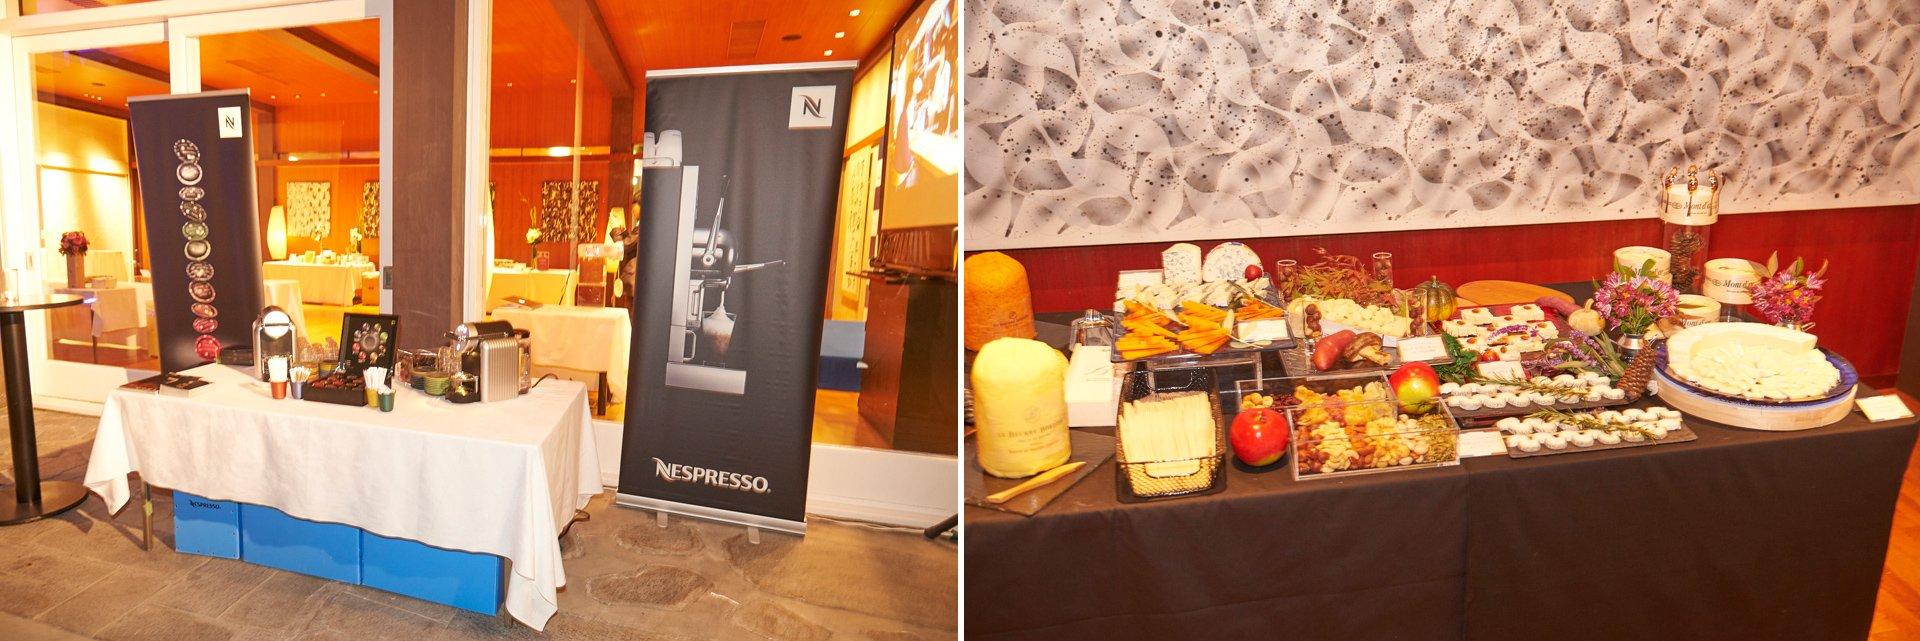 ネスレネスプレッソ(株)/ Nestle Nespresso K.K、 (株)フェルミエ/ Fermier S.A